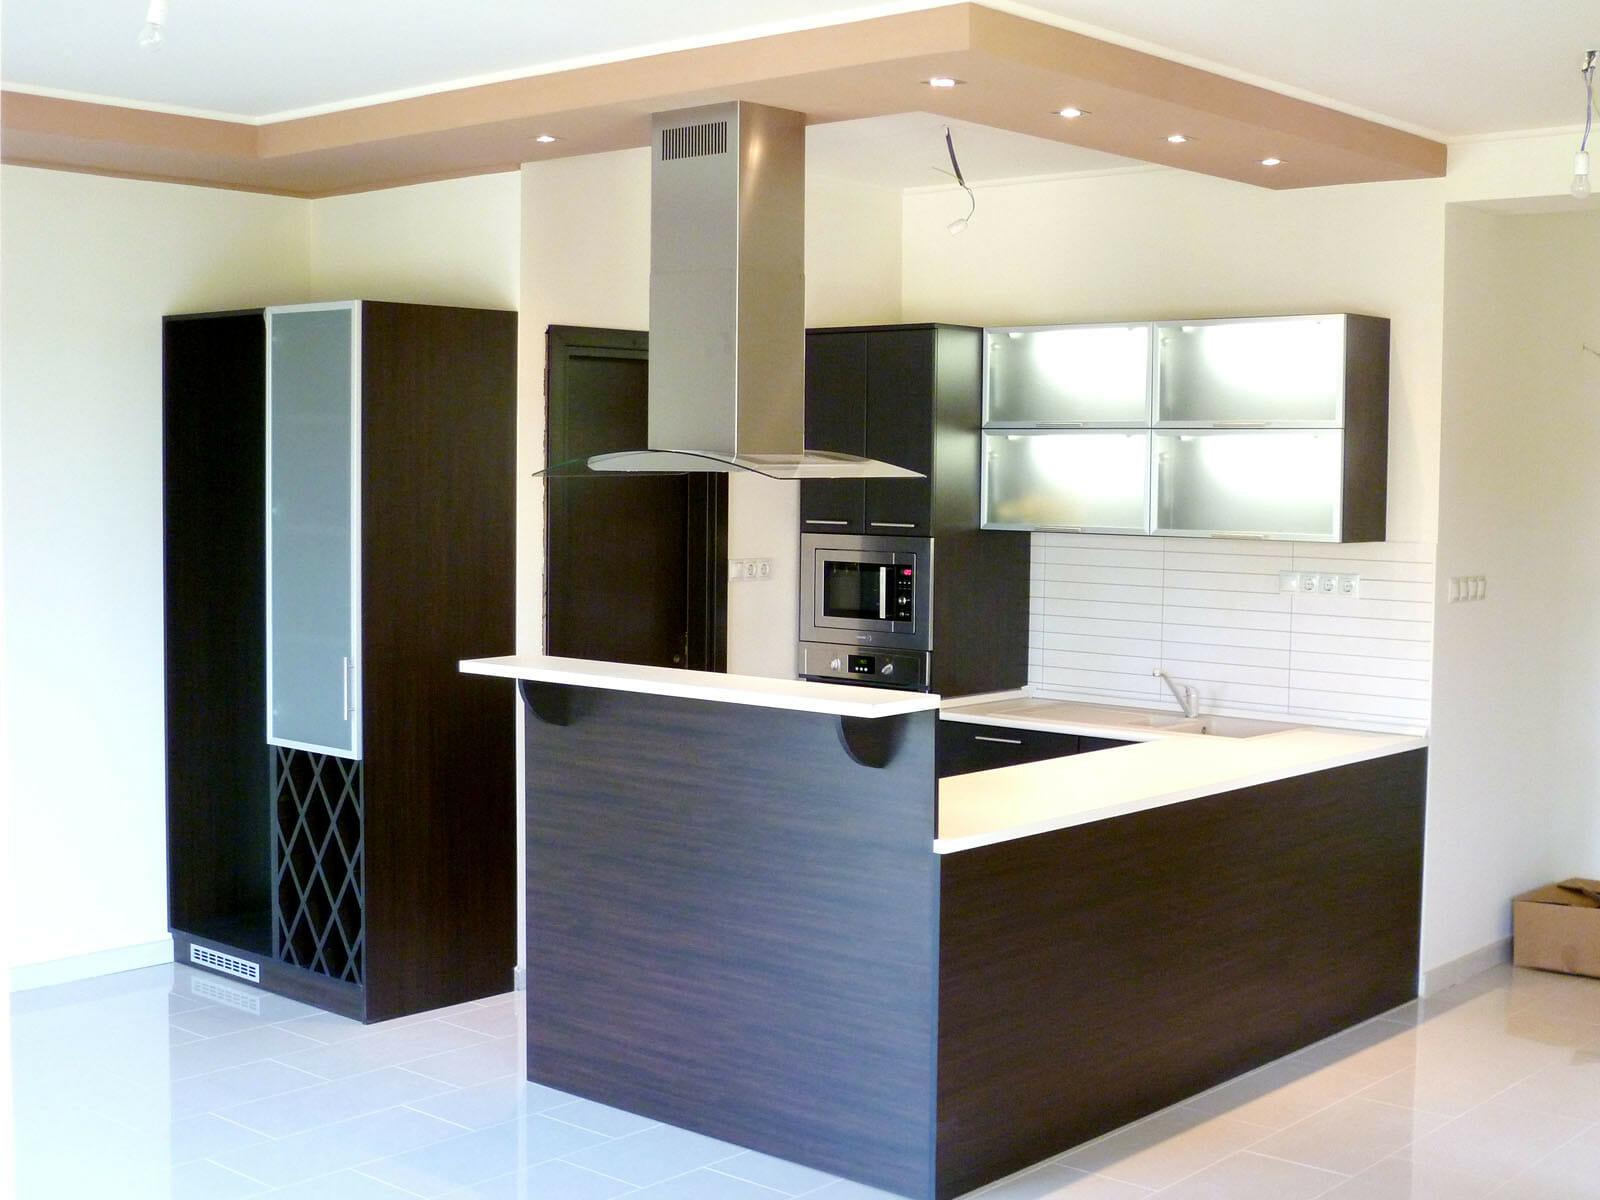 Modern konyhabútor wenge - bézs felülettel, rejtett világítással